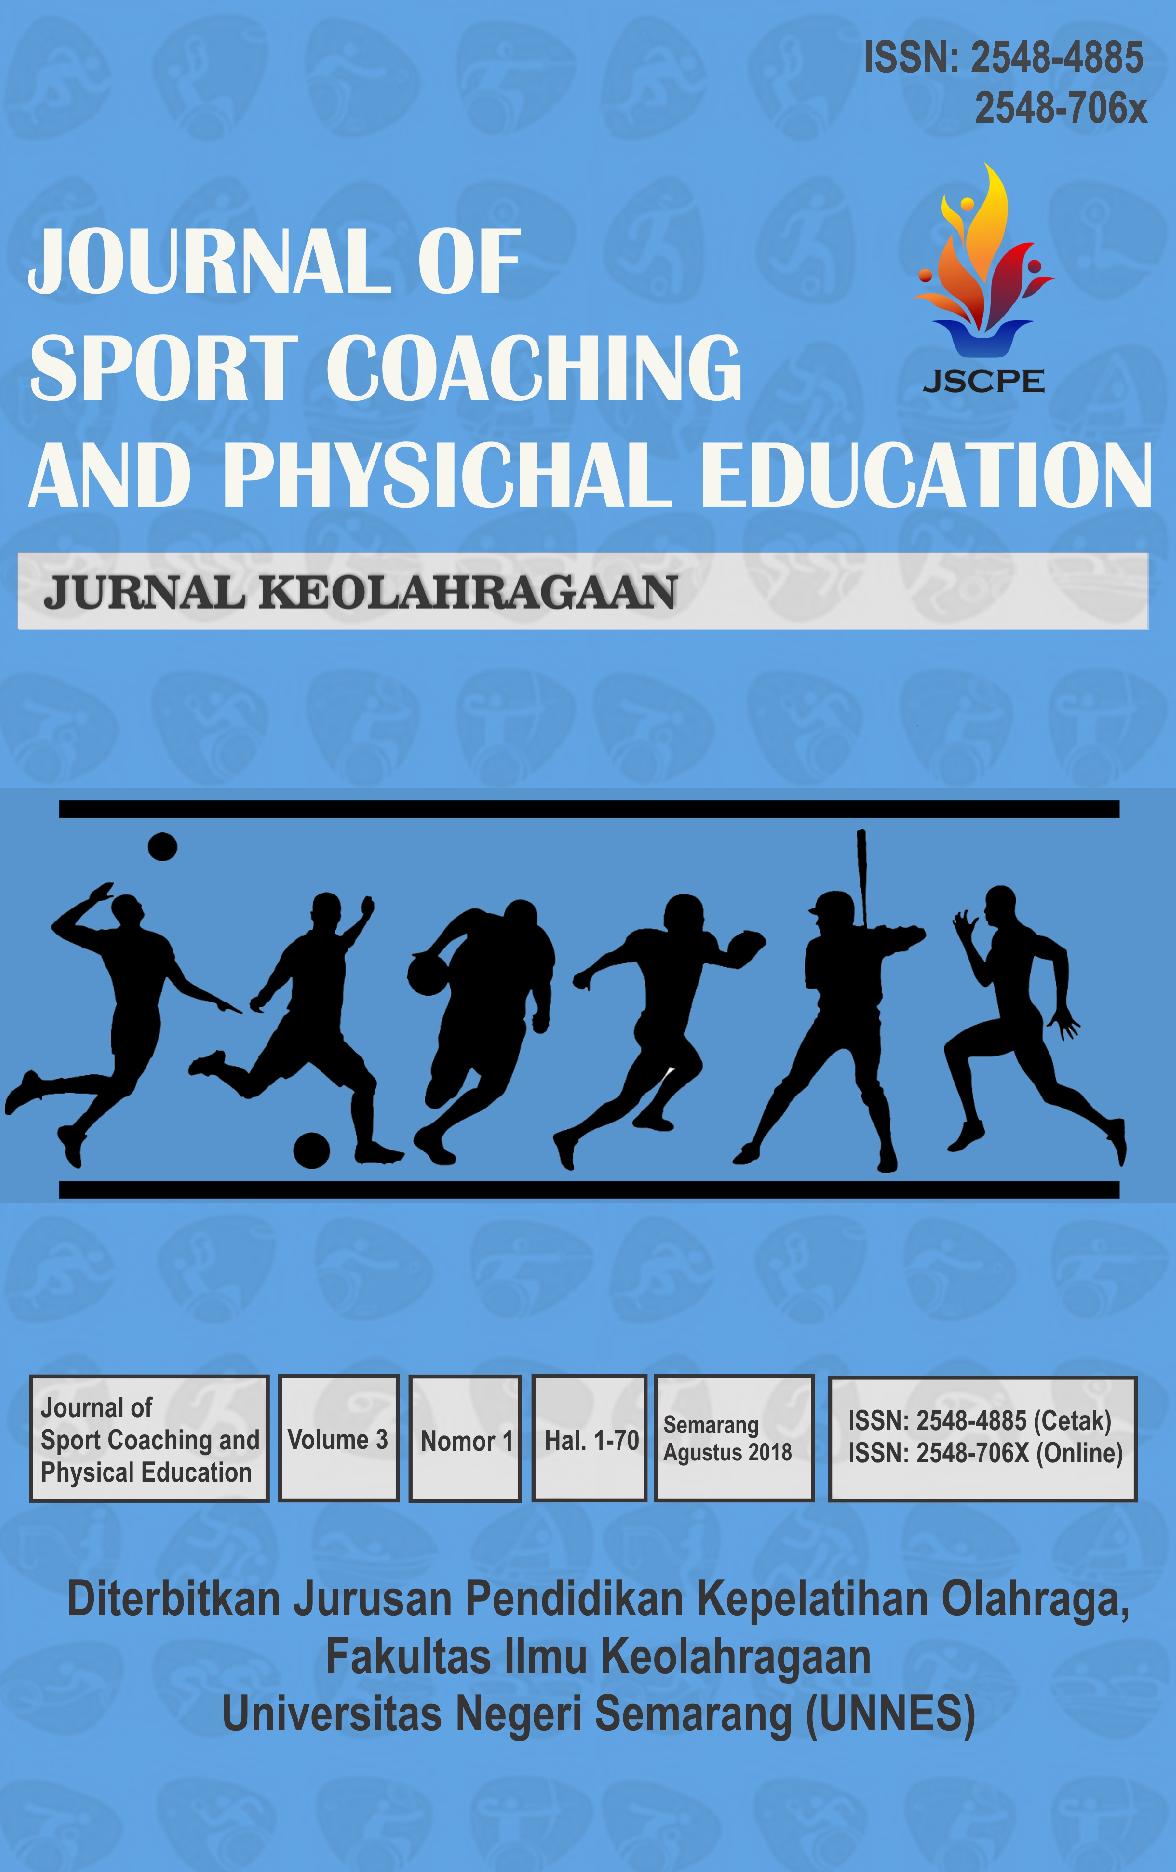 Analisis Gerak Teknis Service Atas Bola Voli Di Pbv Bina Taruna Semarang Usia 12 Tahun Journal Of Sport Coaching And Physical Education